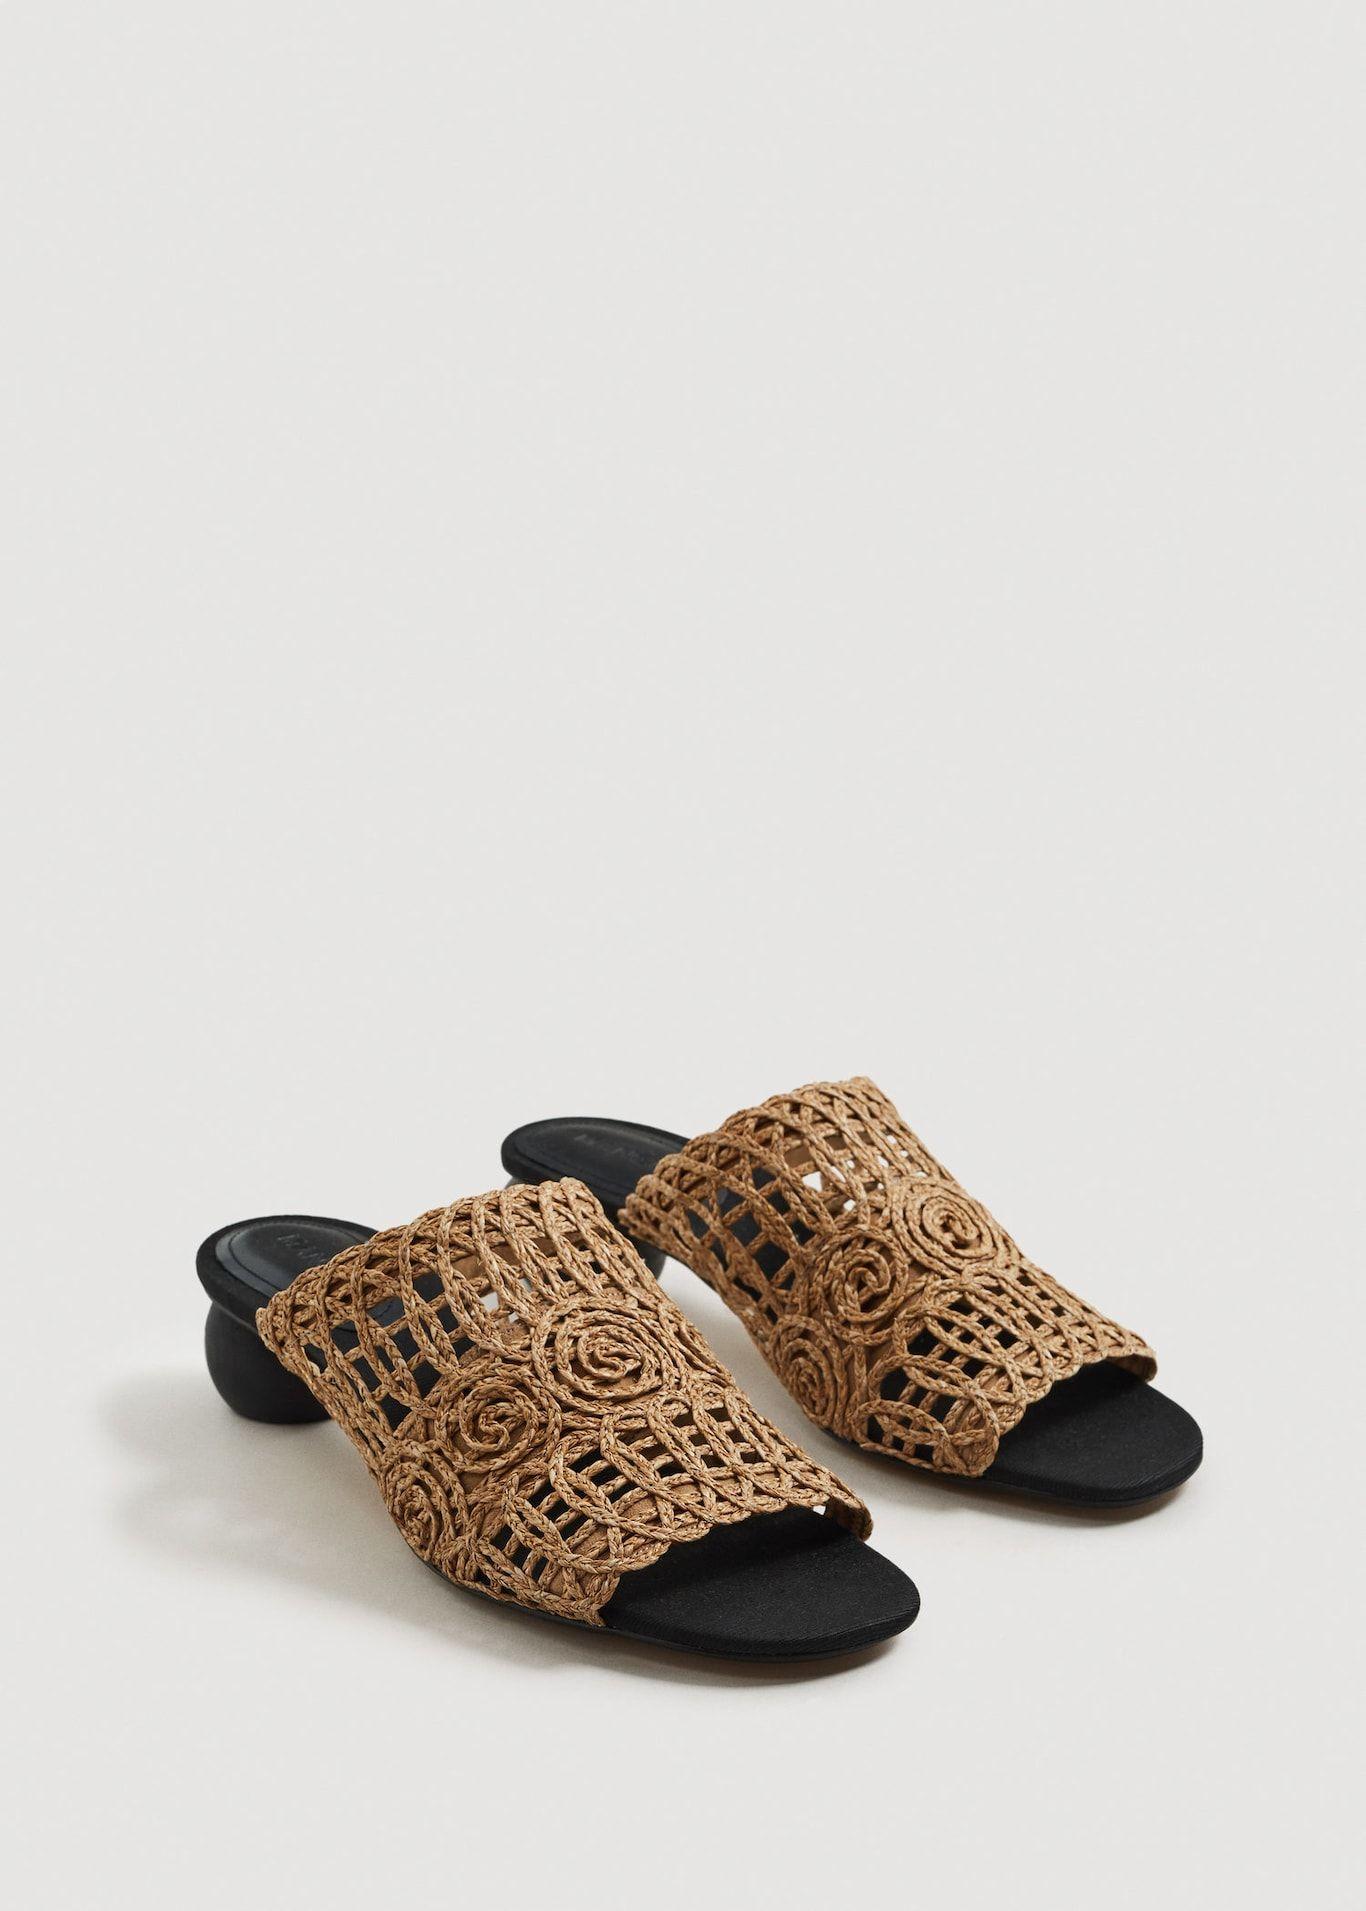 cbbf0cdbb76 Braided design mules - Women | ○ s h o e s ○ | Braid designs ...